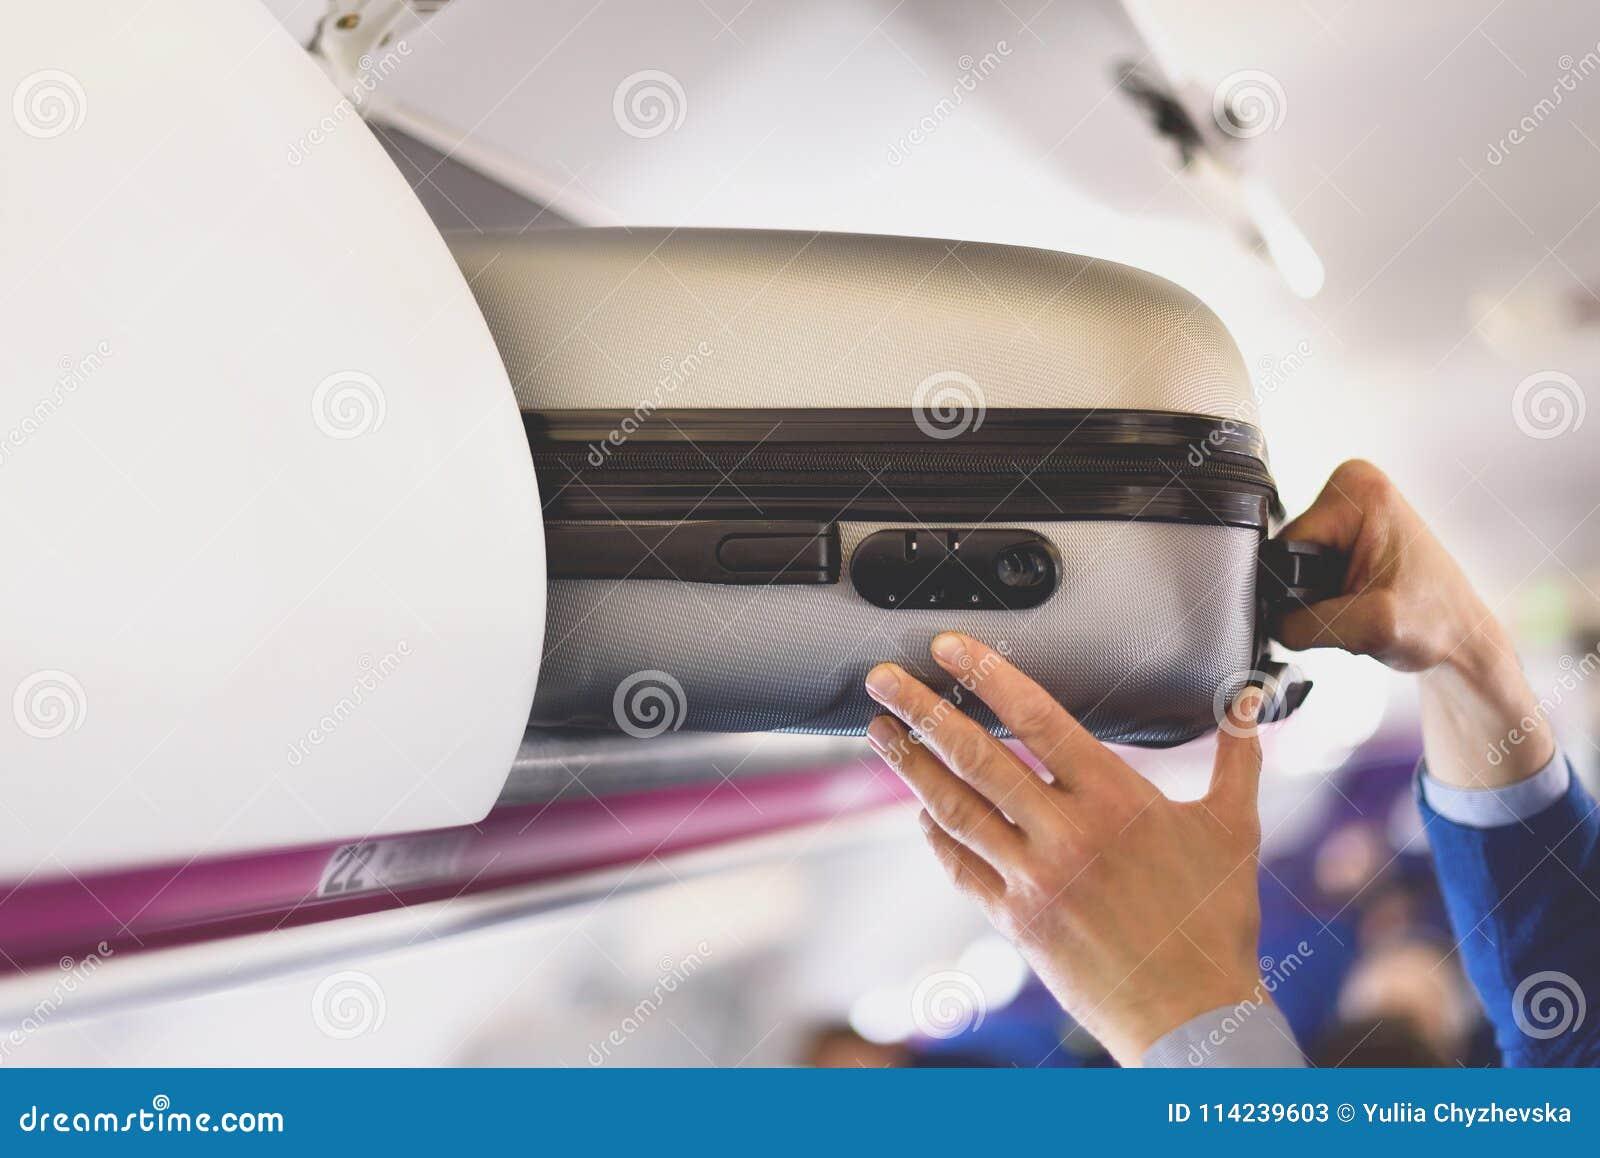 Compartimento da Mão-bagagem com as malas de viagem no avião As mãos decolam a bagagem de mão O passageiro pôs a cabine do saco d